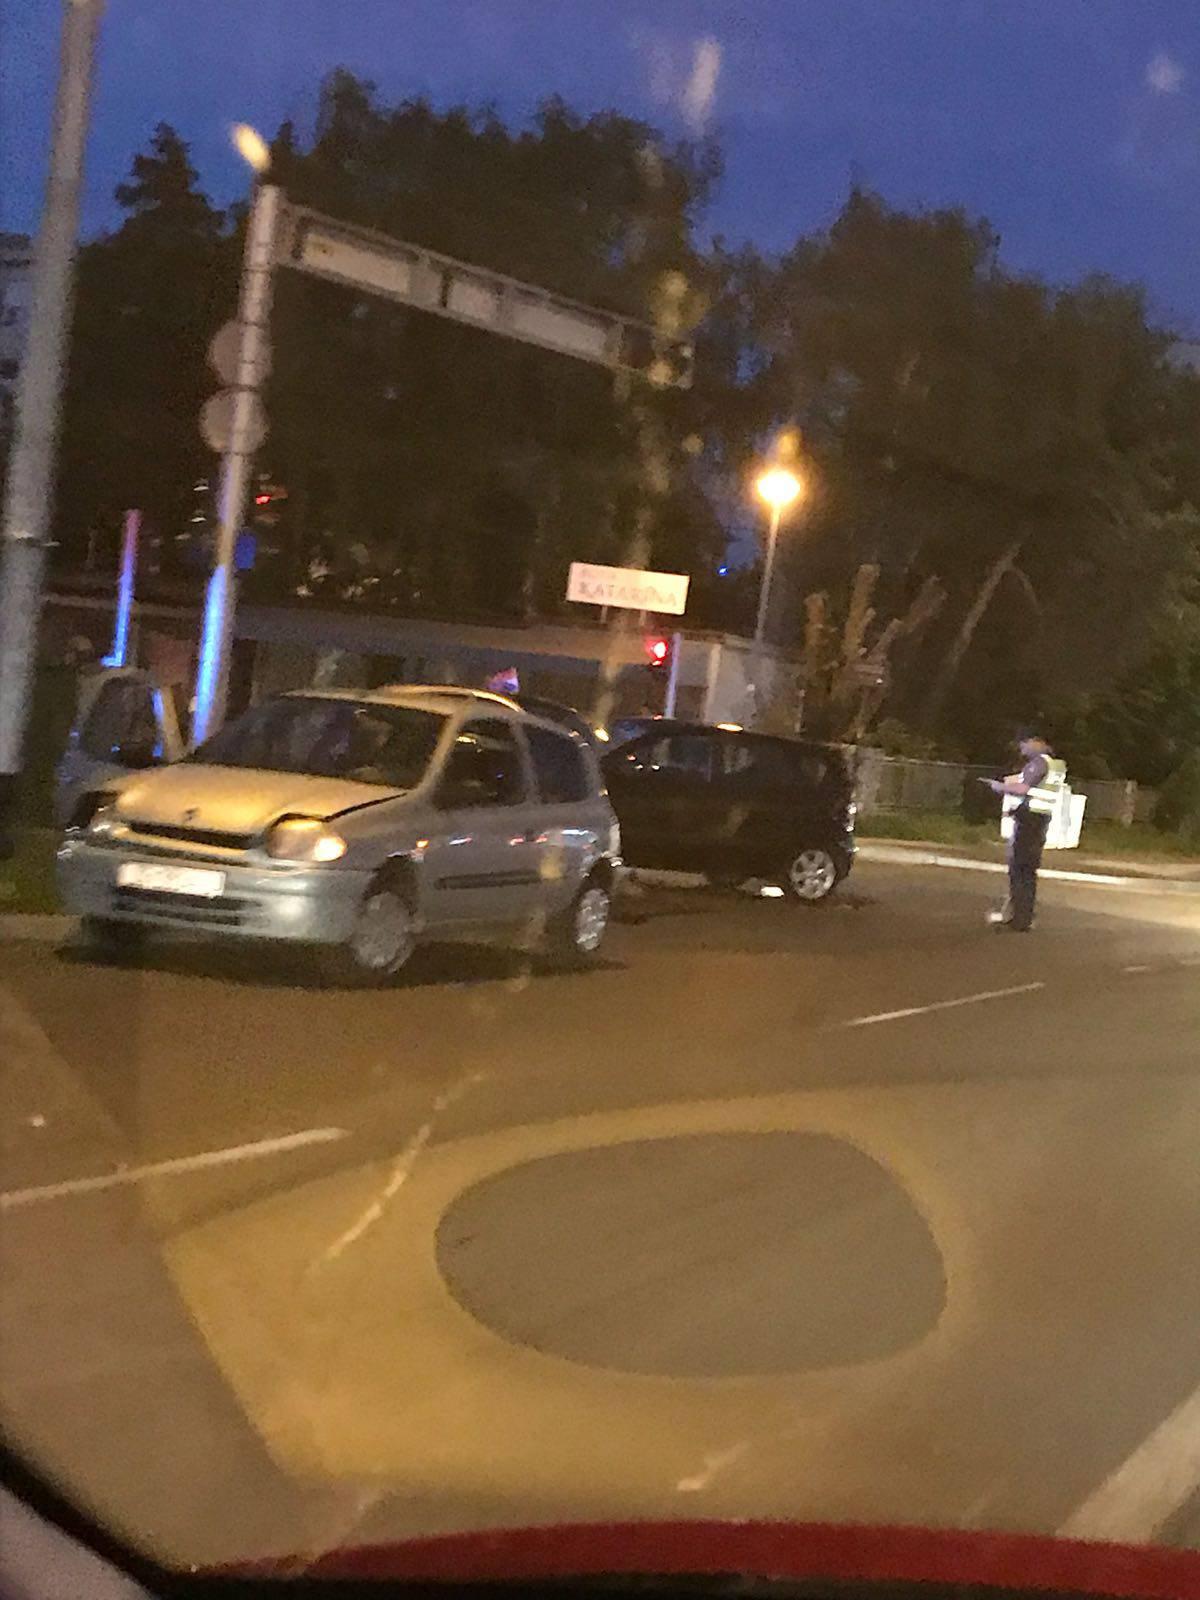 Dvoje ljudi ozlijeđeno u sudaru dva automobila u Sesvetama